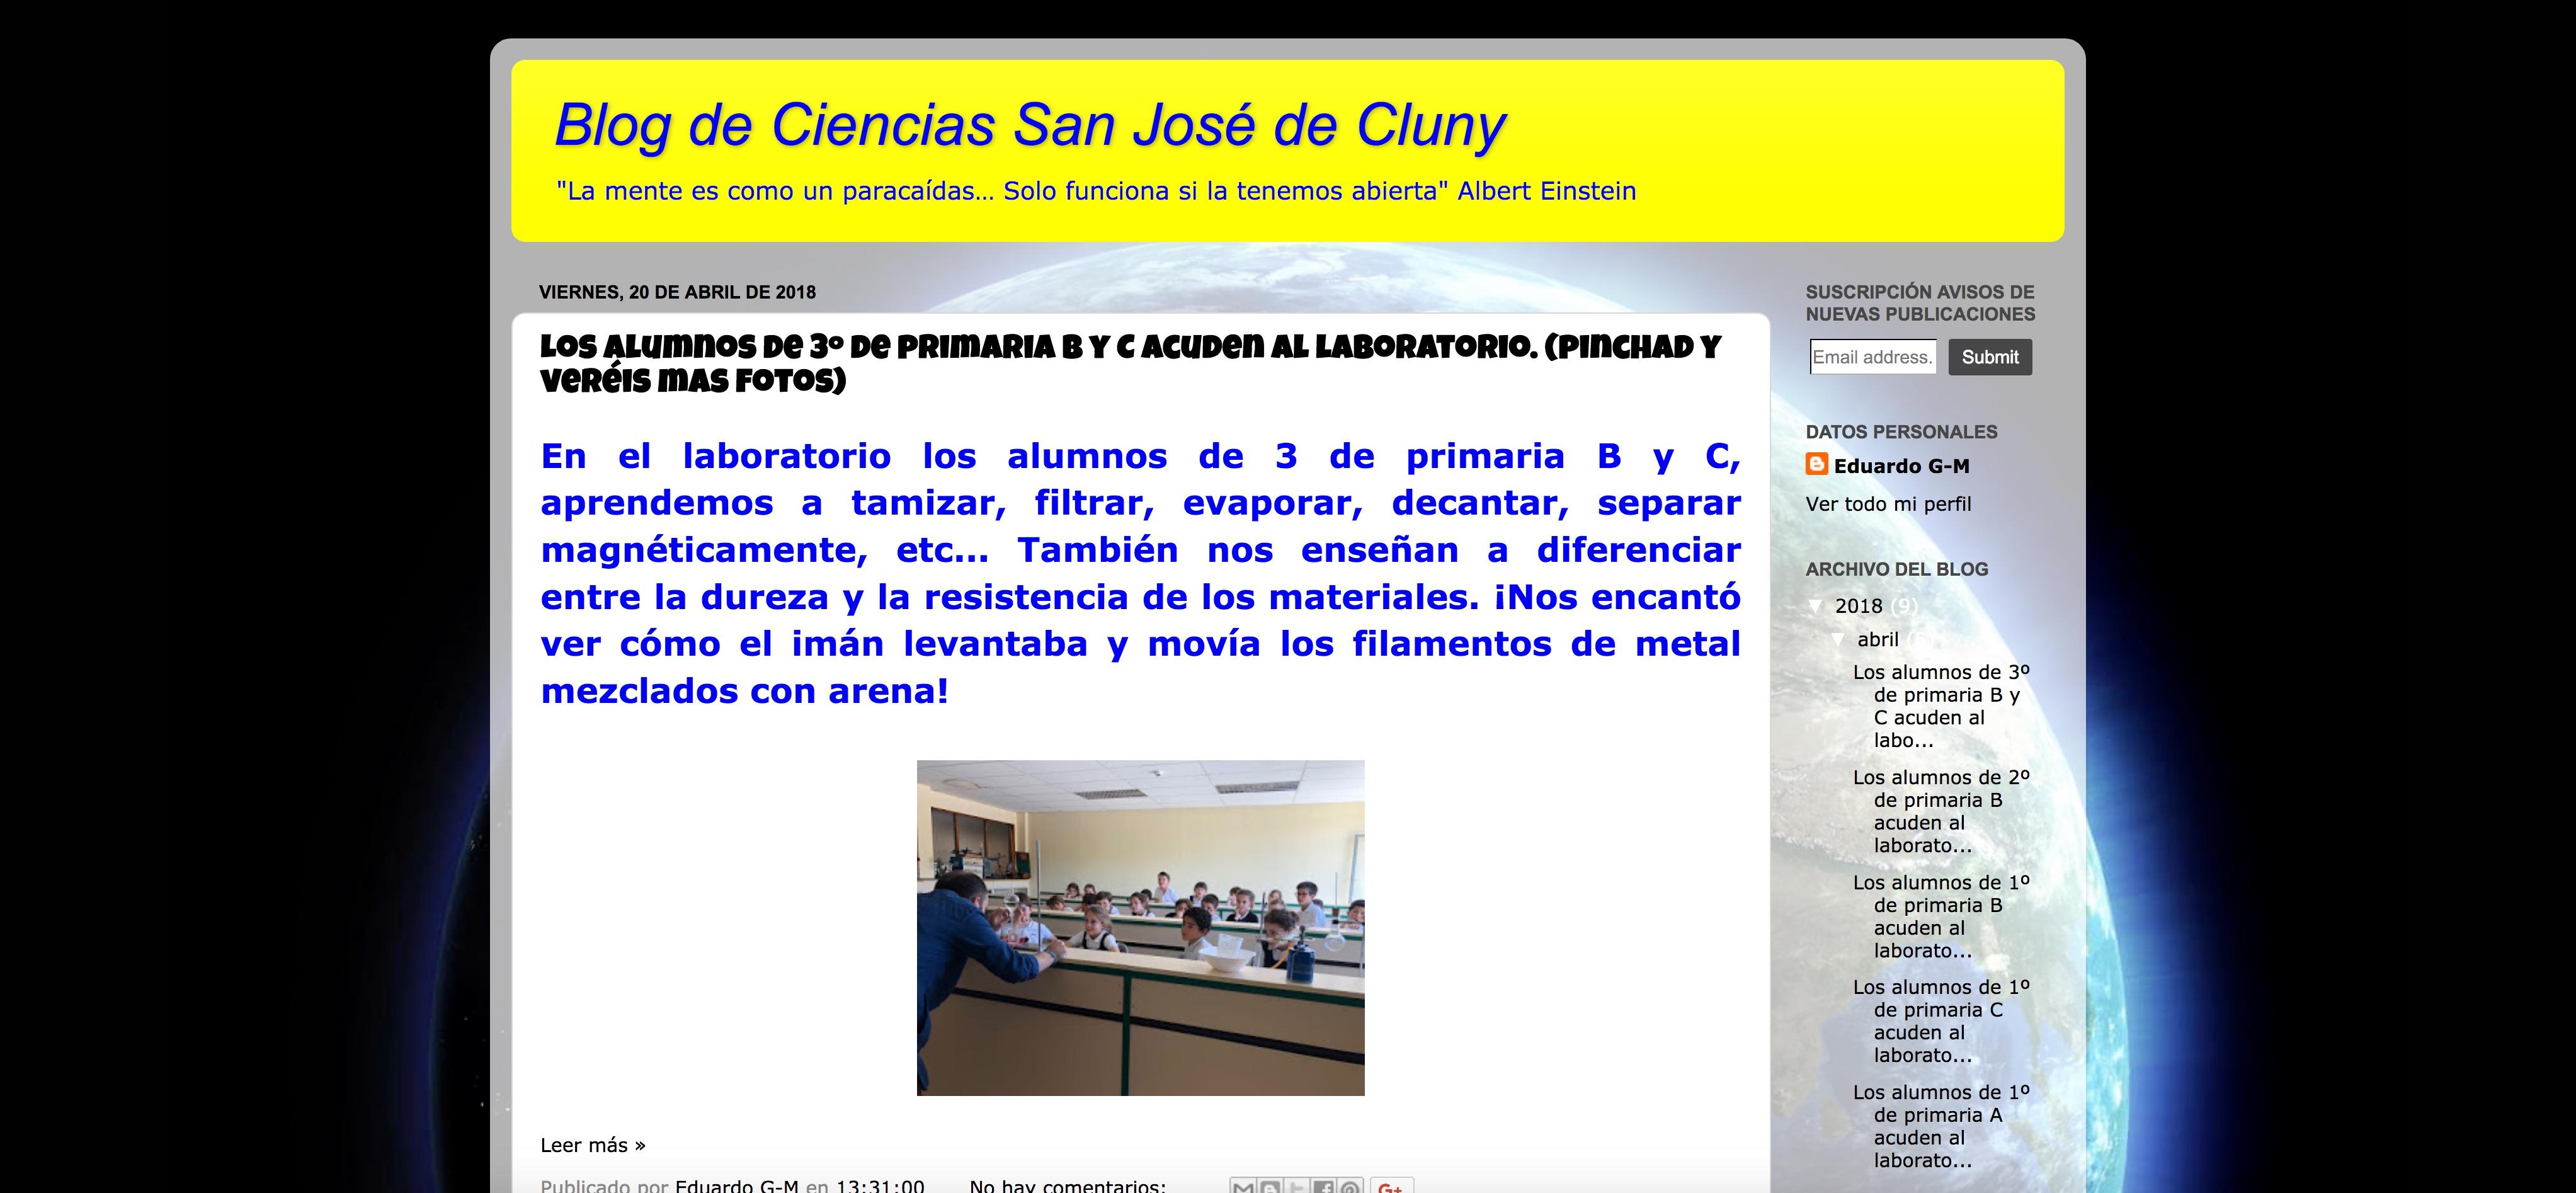 blog_ciencias_clunypozuelo